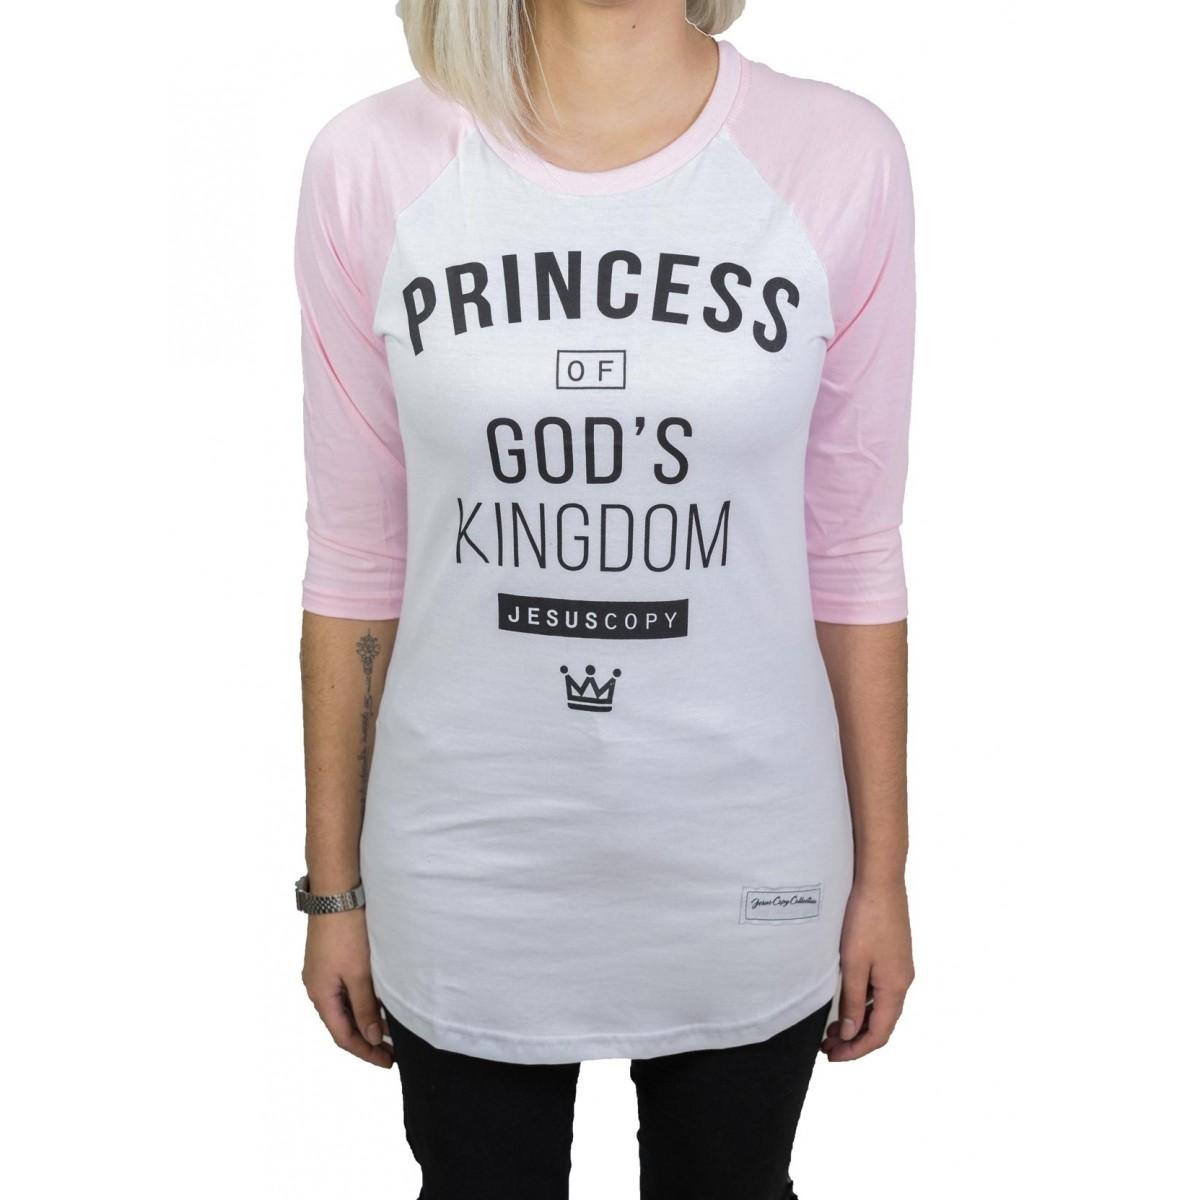 Camiseta Princess -Feminina  #REINODEPONTACABEÇA  - Jesuscopy